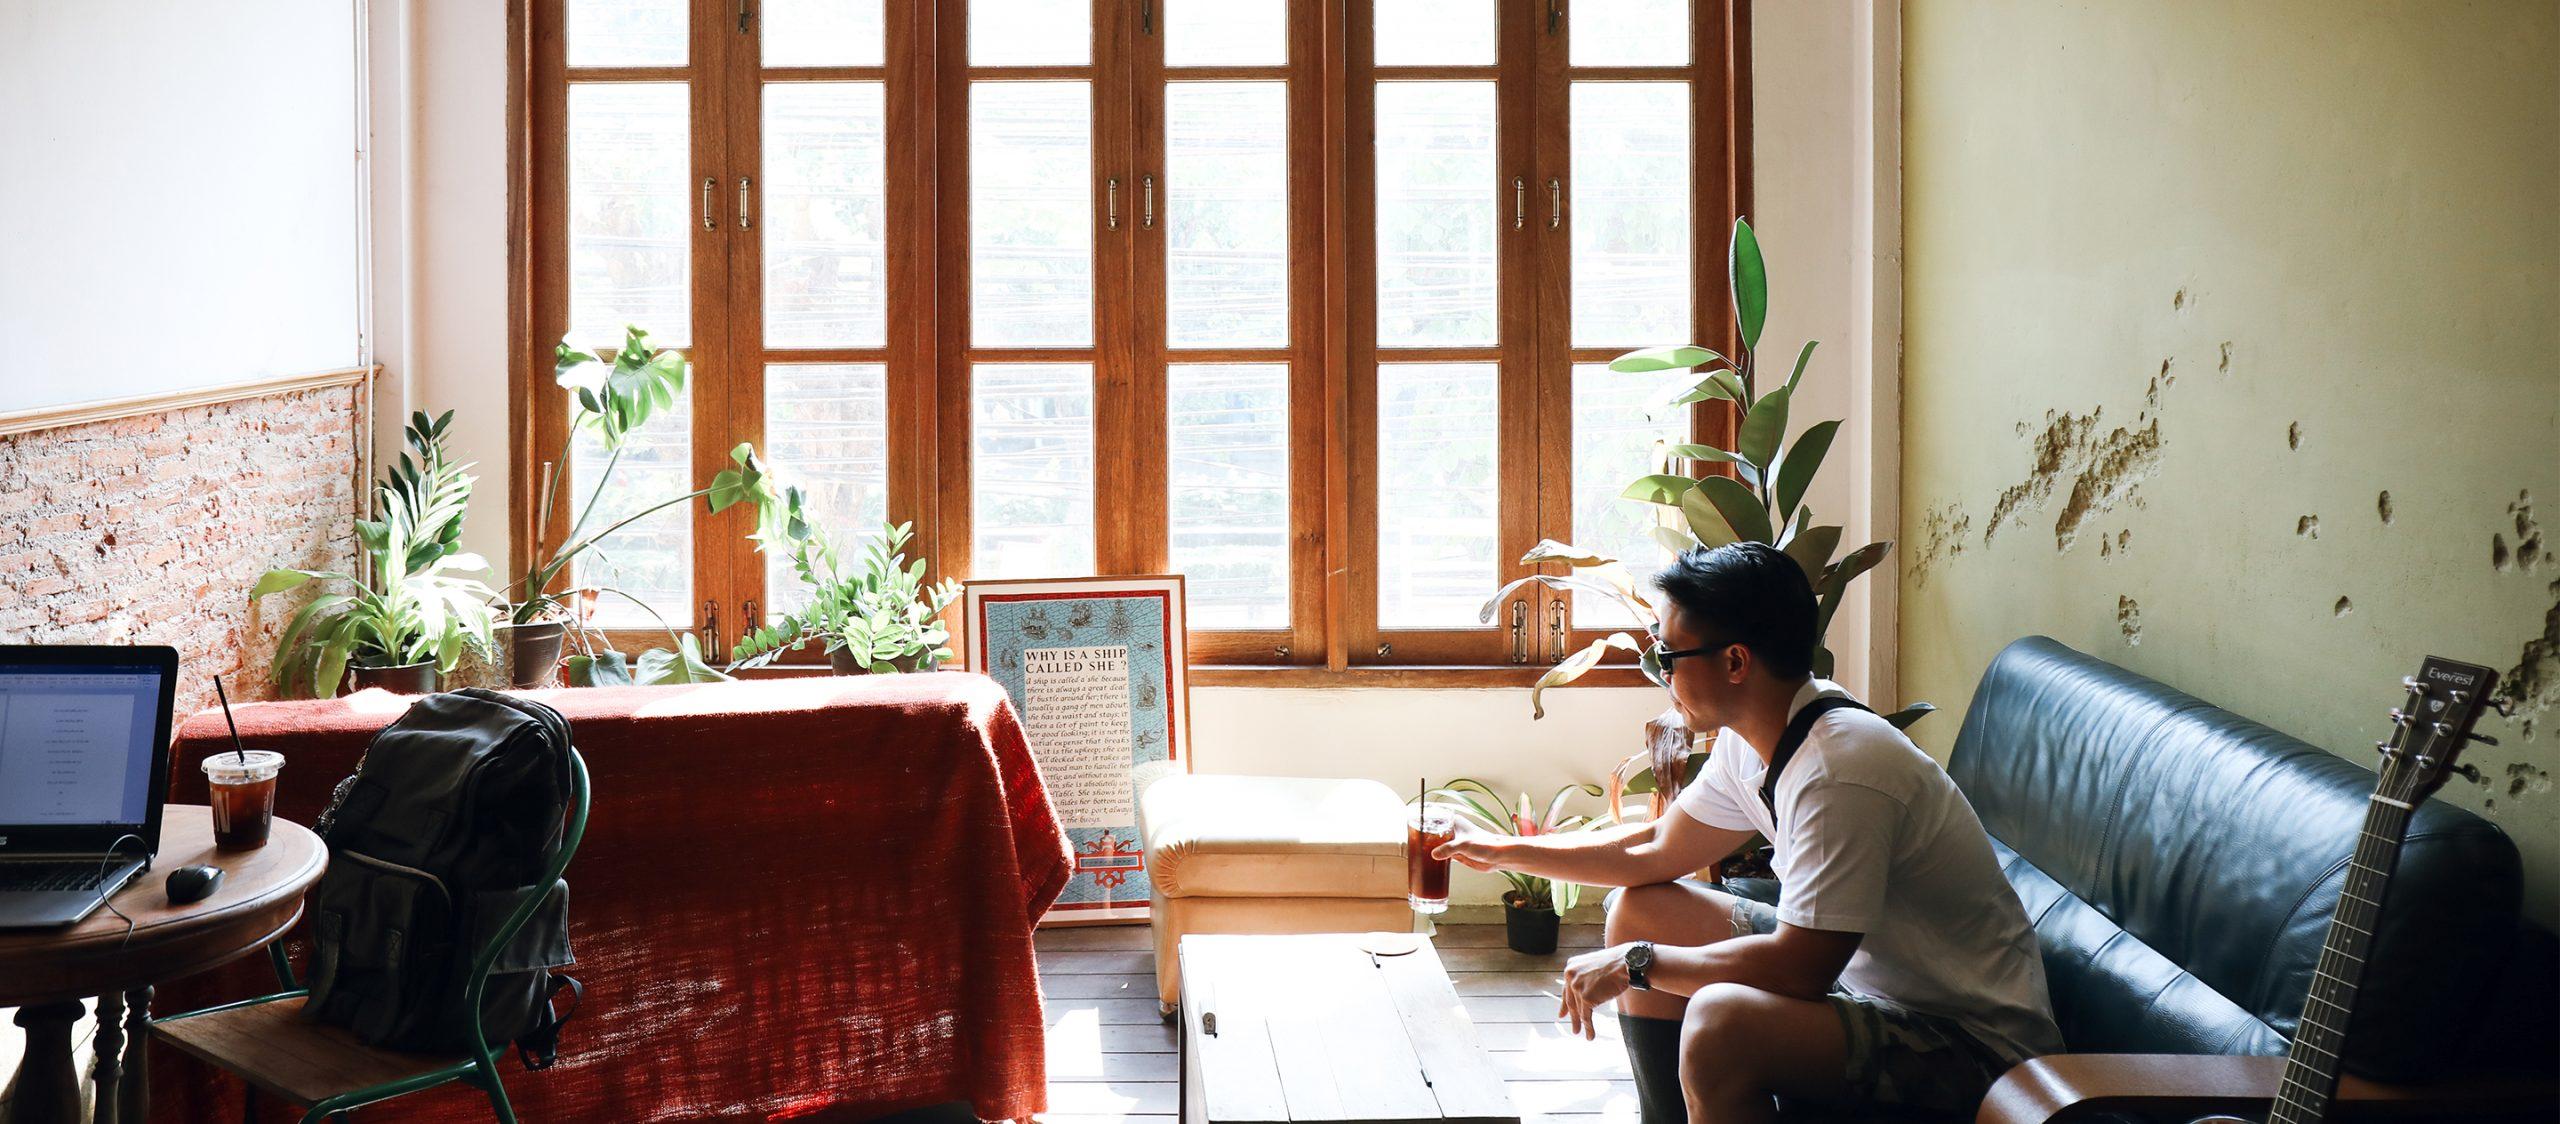 Walden Home Cafe คาเฟ่สีเขียวมะกอกย่านคลองสานกับความสงบที่น่าตกหลุมรัก